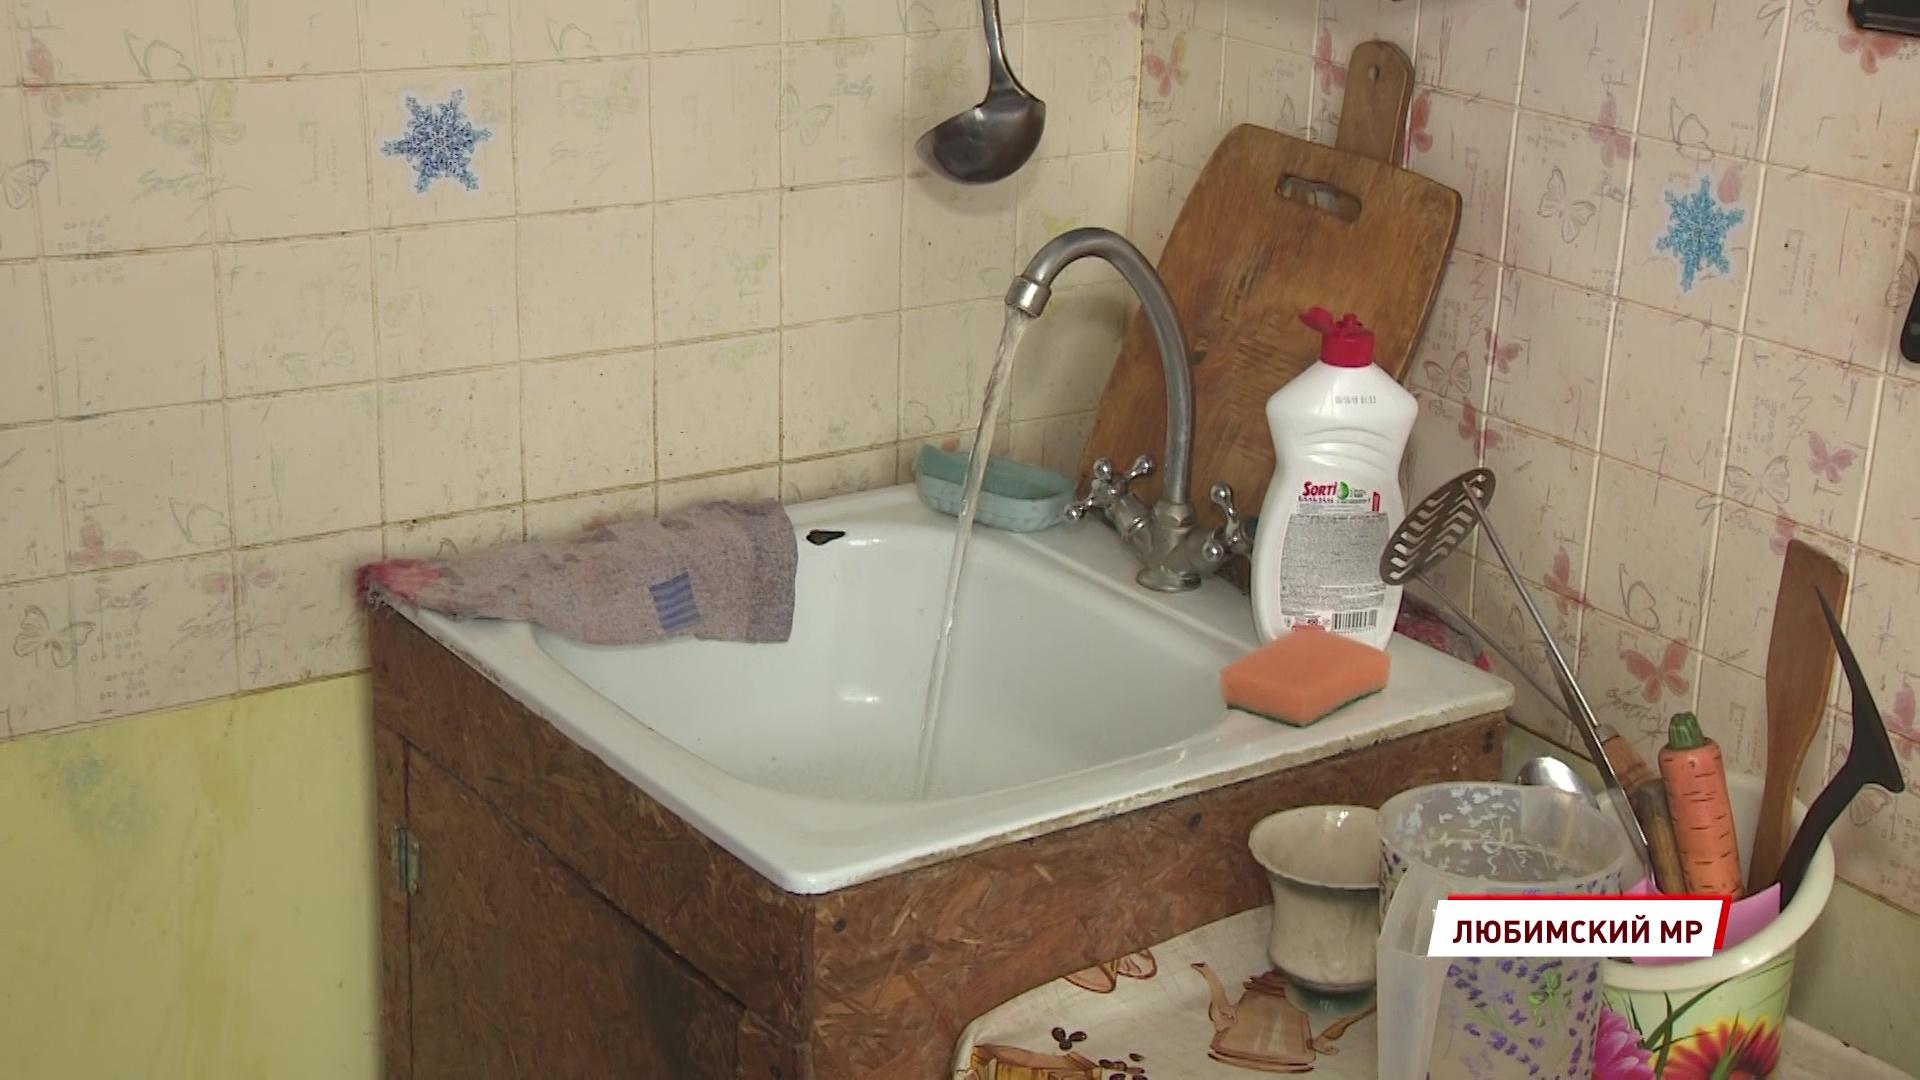 Первые изменения налицо: в Любиме продолжается капитальный ремонт очистных сооружений